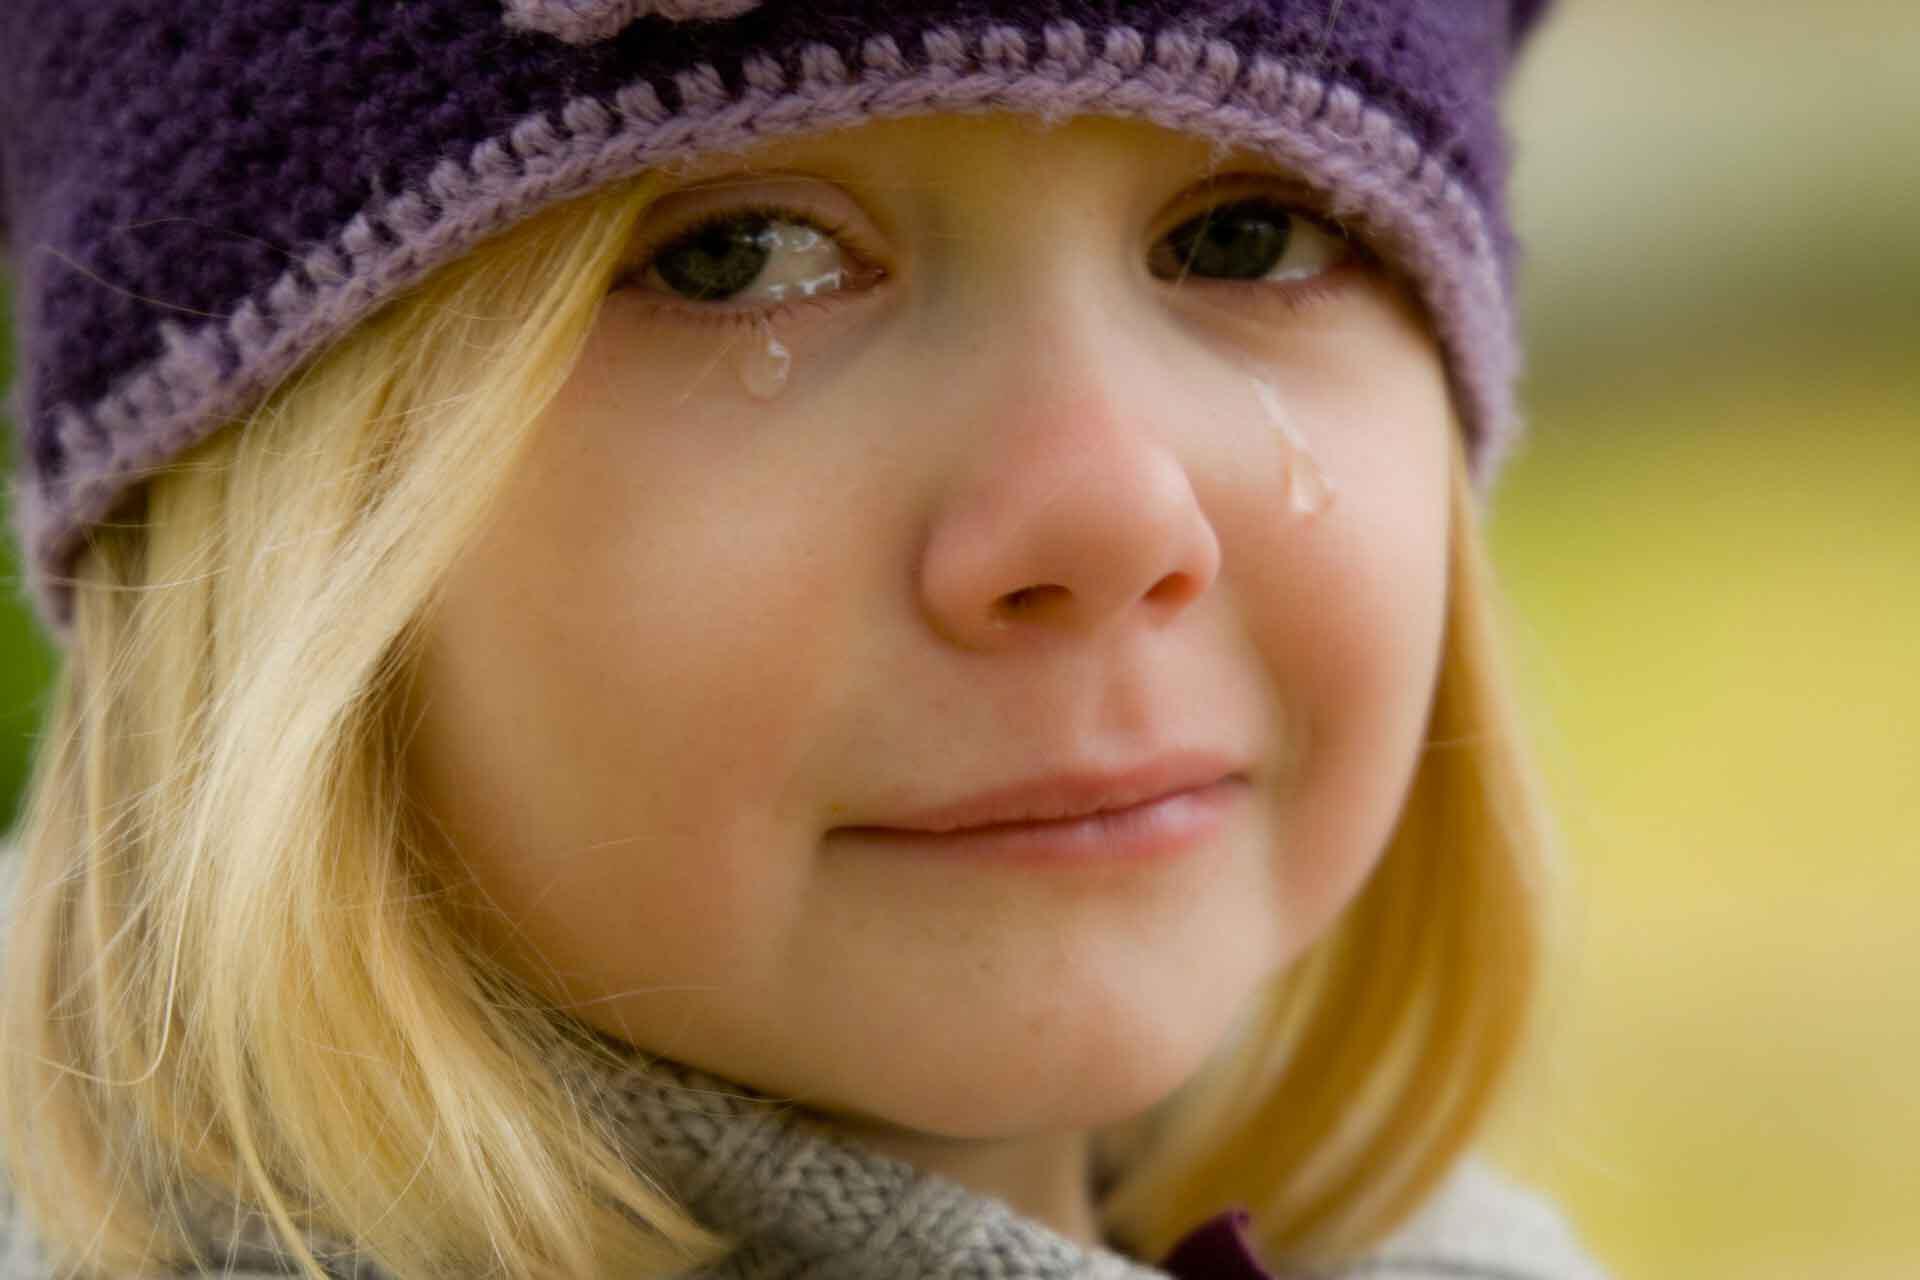 Pianto: le persone che piangono hanno una marchia in più?